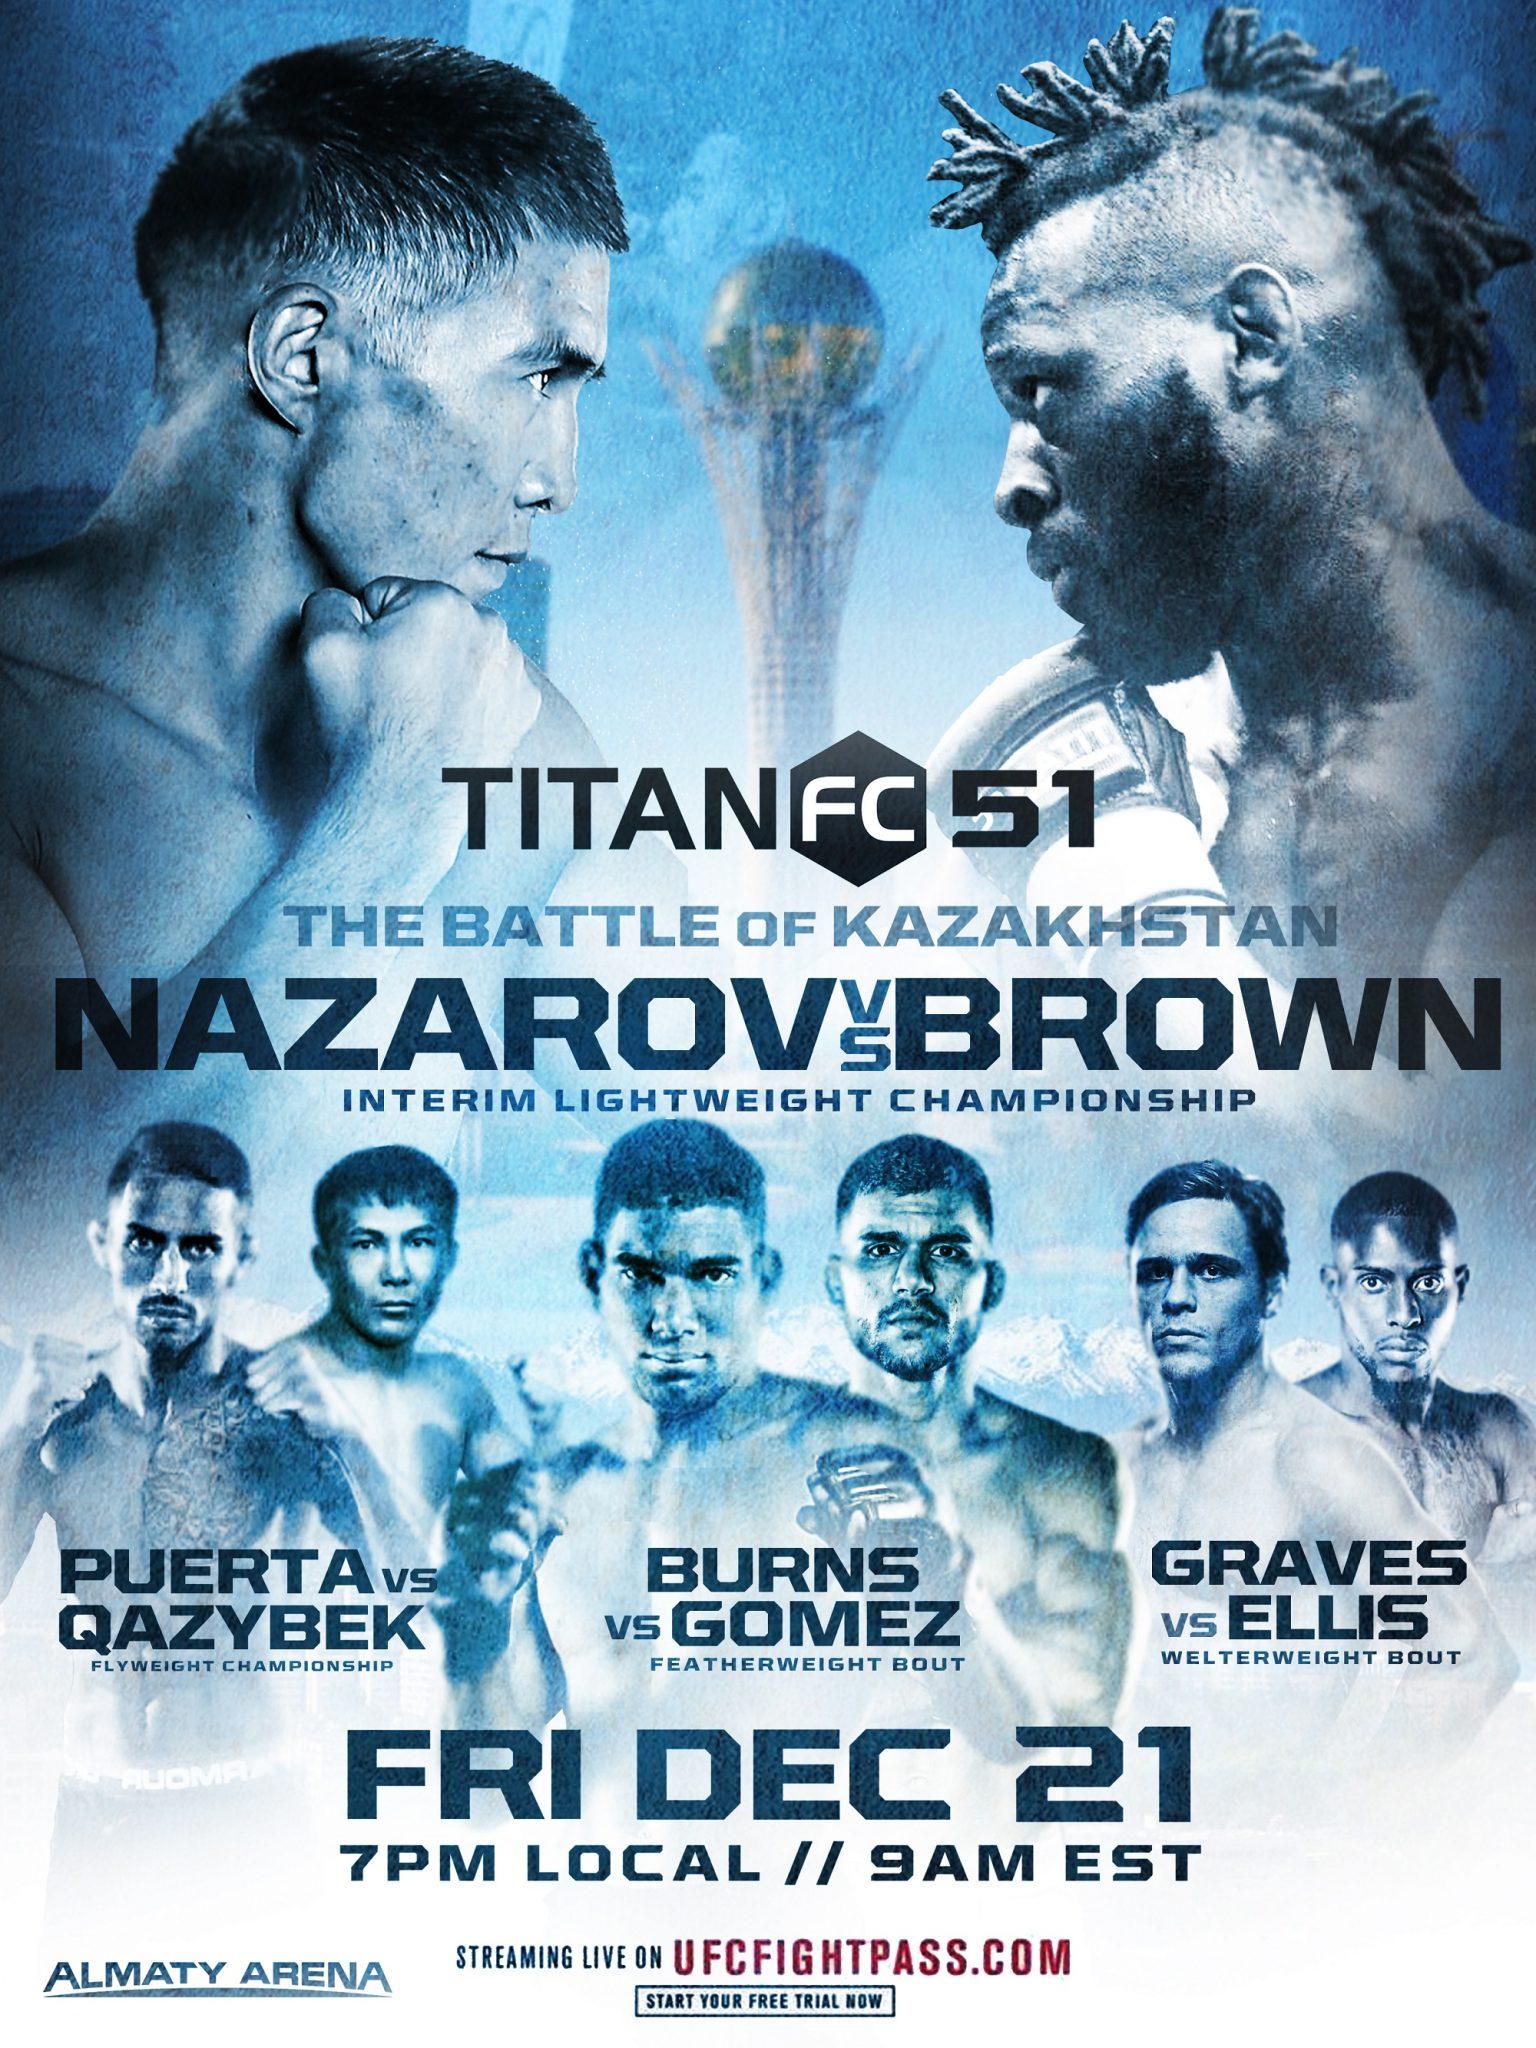 Titan FC 51, Kazakhstan